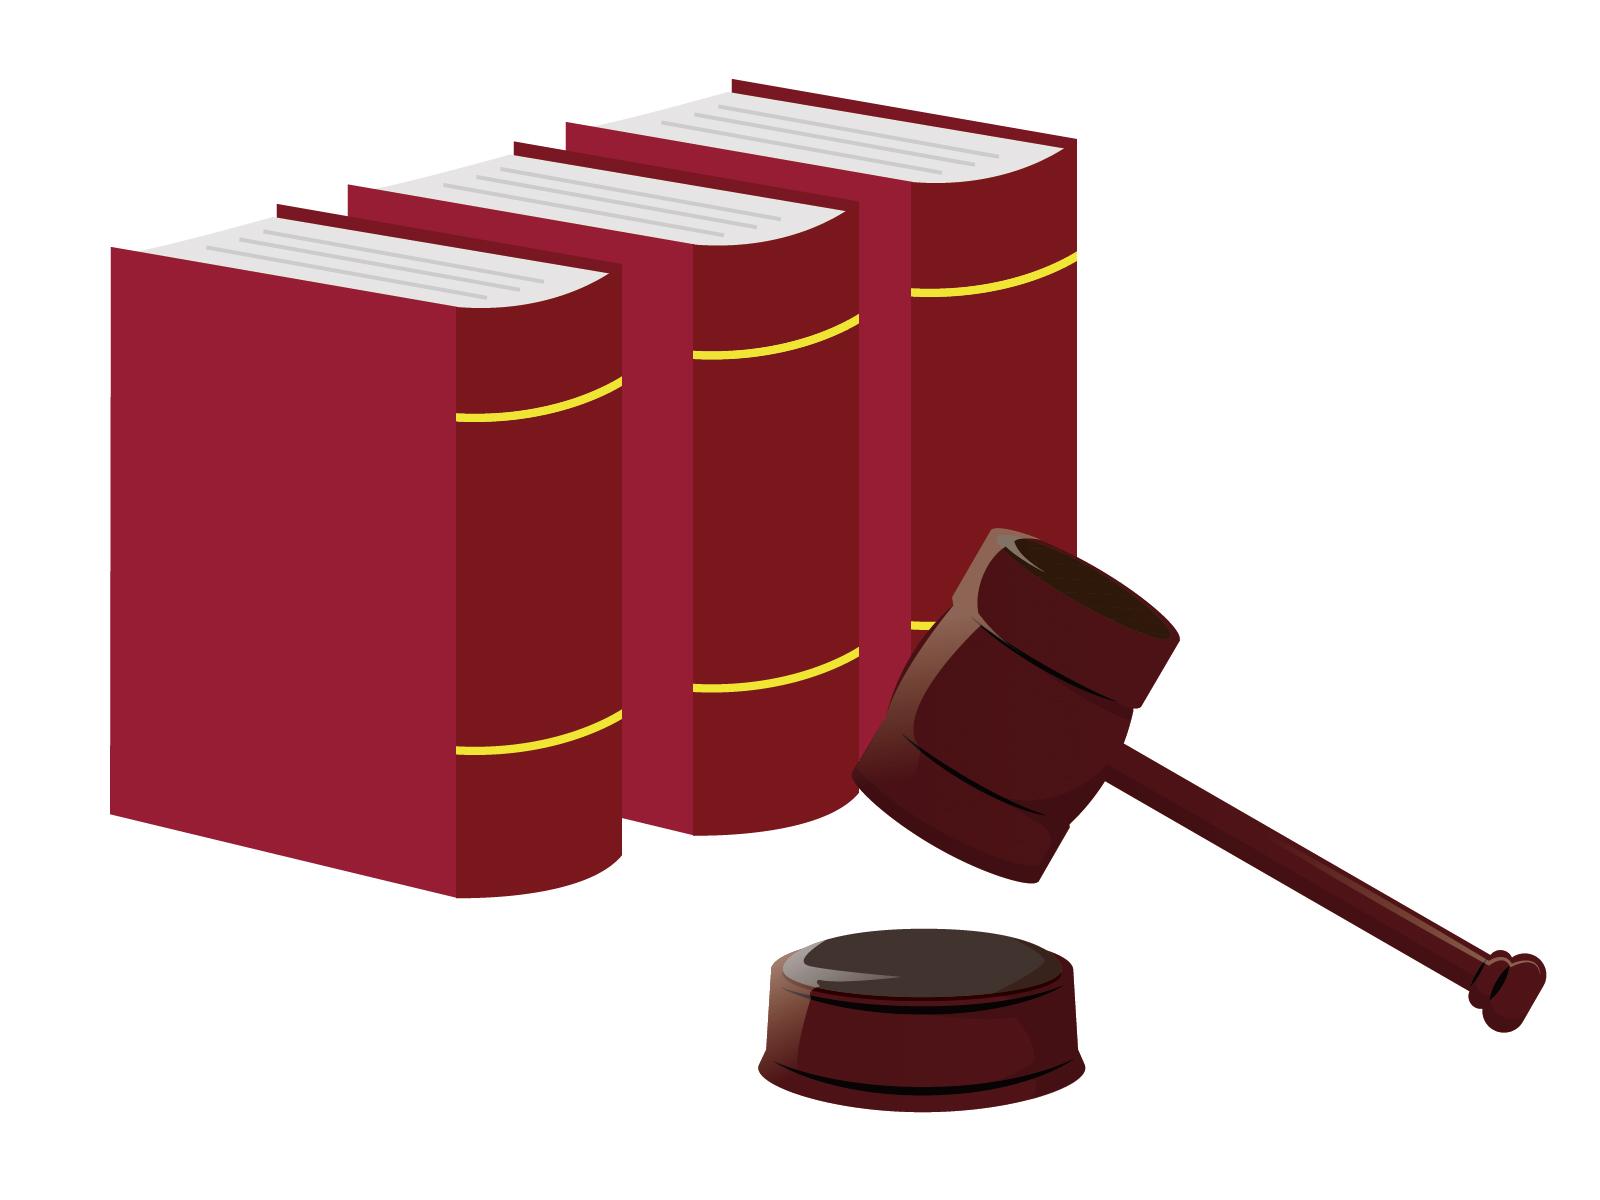 「労災休業中でも解雇可能」の最高裁判決が波紋呼ぶ 「こき使ってクビか」と不安の声も